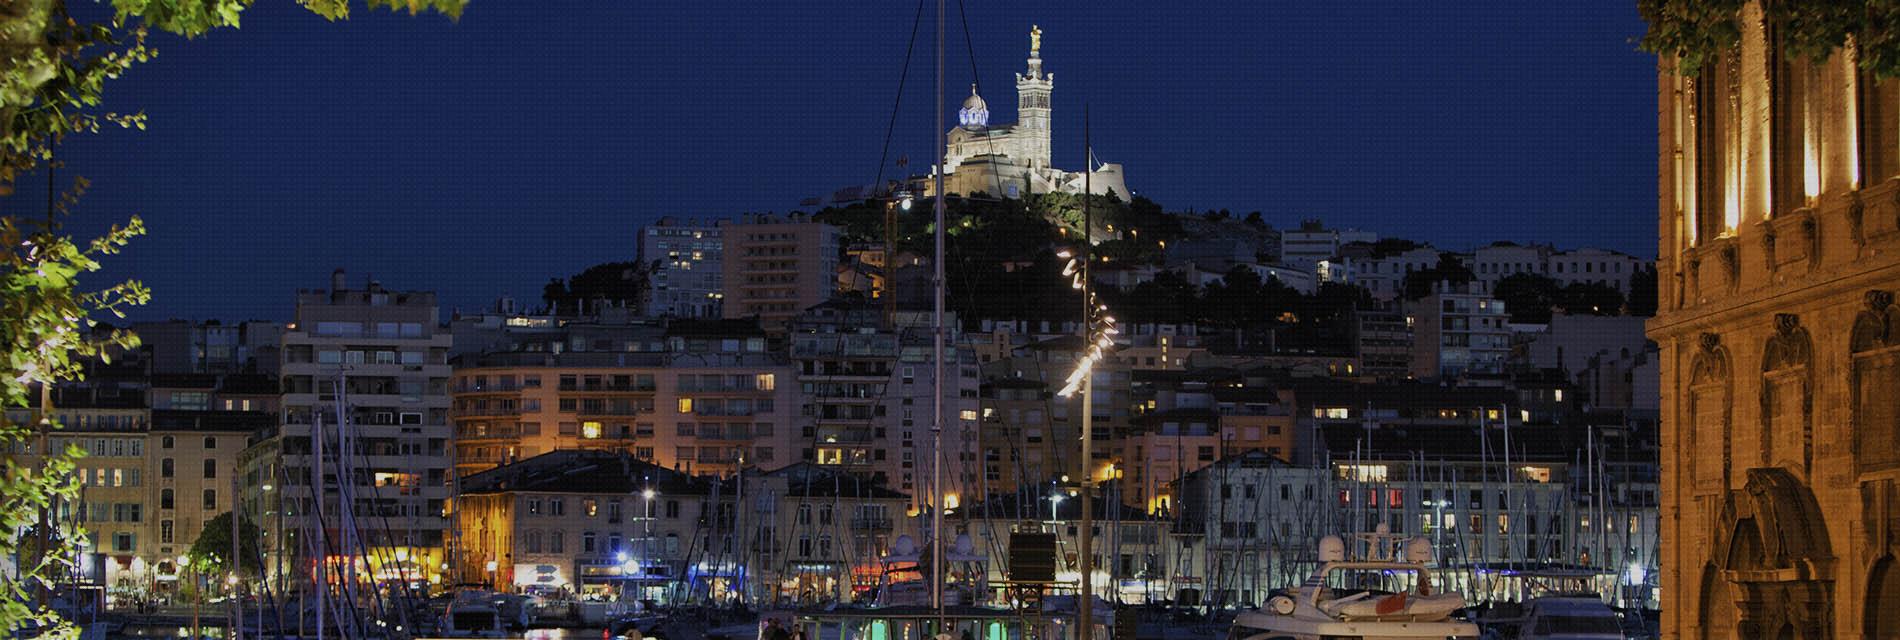 Votre navette entre Marseille et Aix en Provence